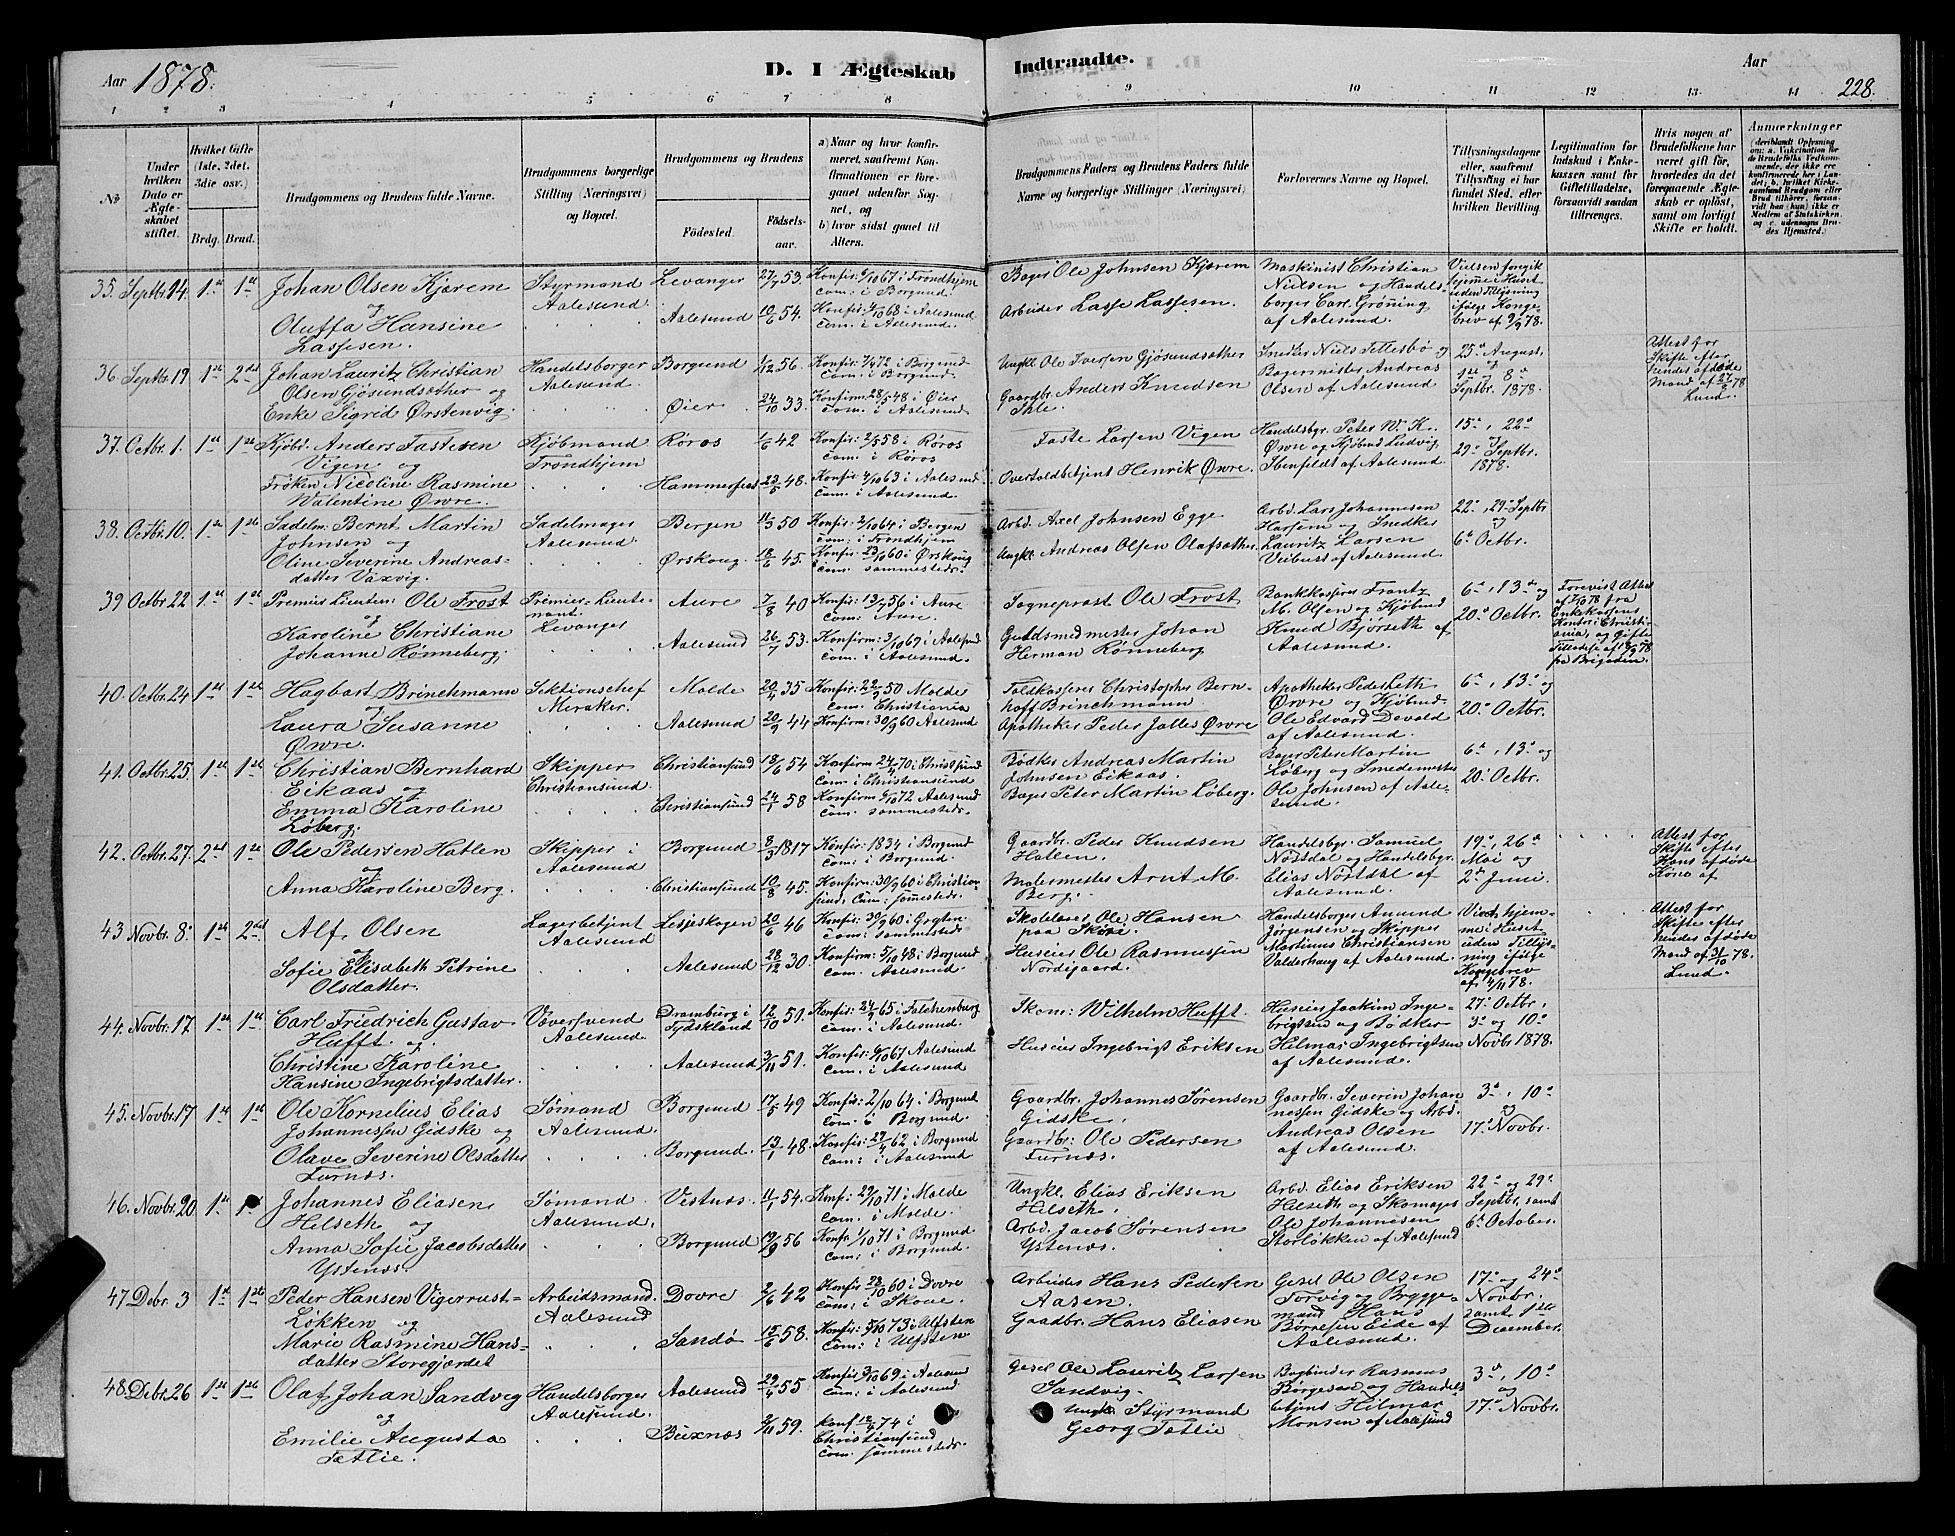 SAT, Ministerialprotokoller, klokkerbøker og fødselsregistre - Møre og Romsdal, 529/L0466: Klokkerbok nr. 529C03, 1878-1888, s. 228